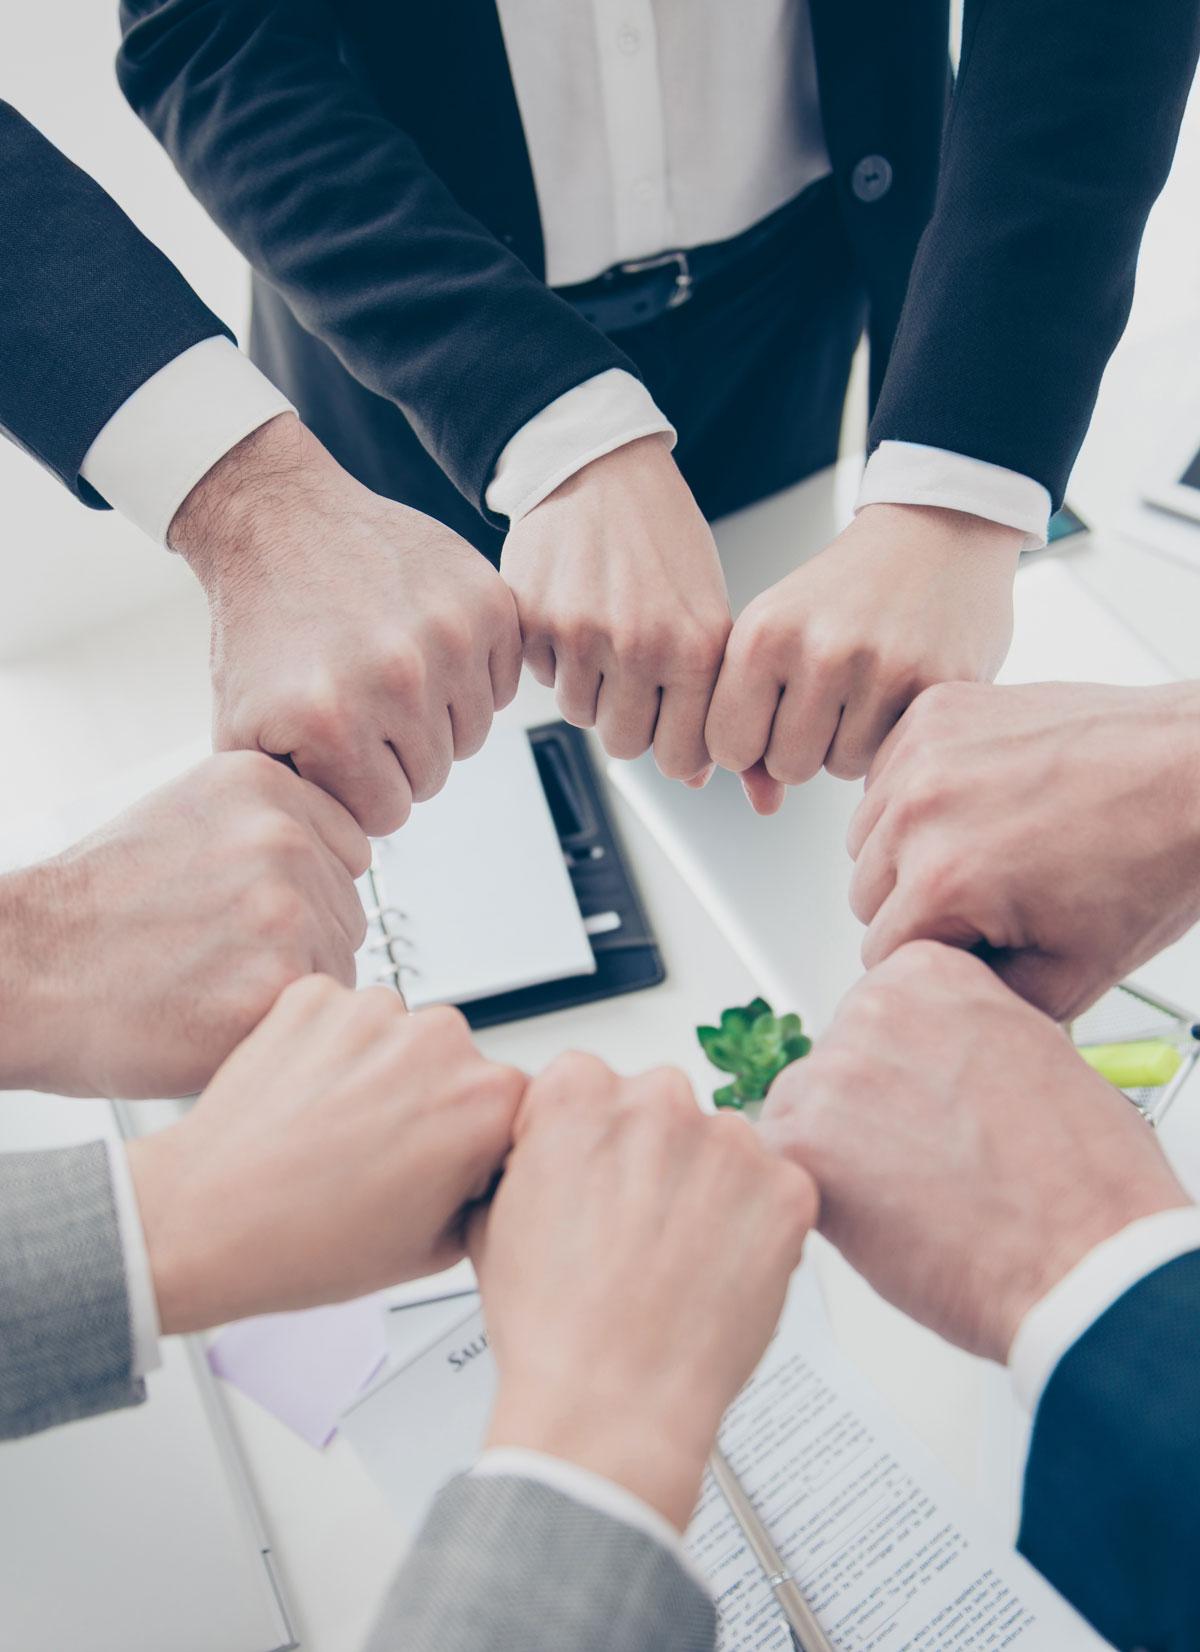 Angebot BDMU e.V. - Expertenkreis für unterschiedliche Unternehmensbereiche